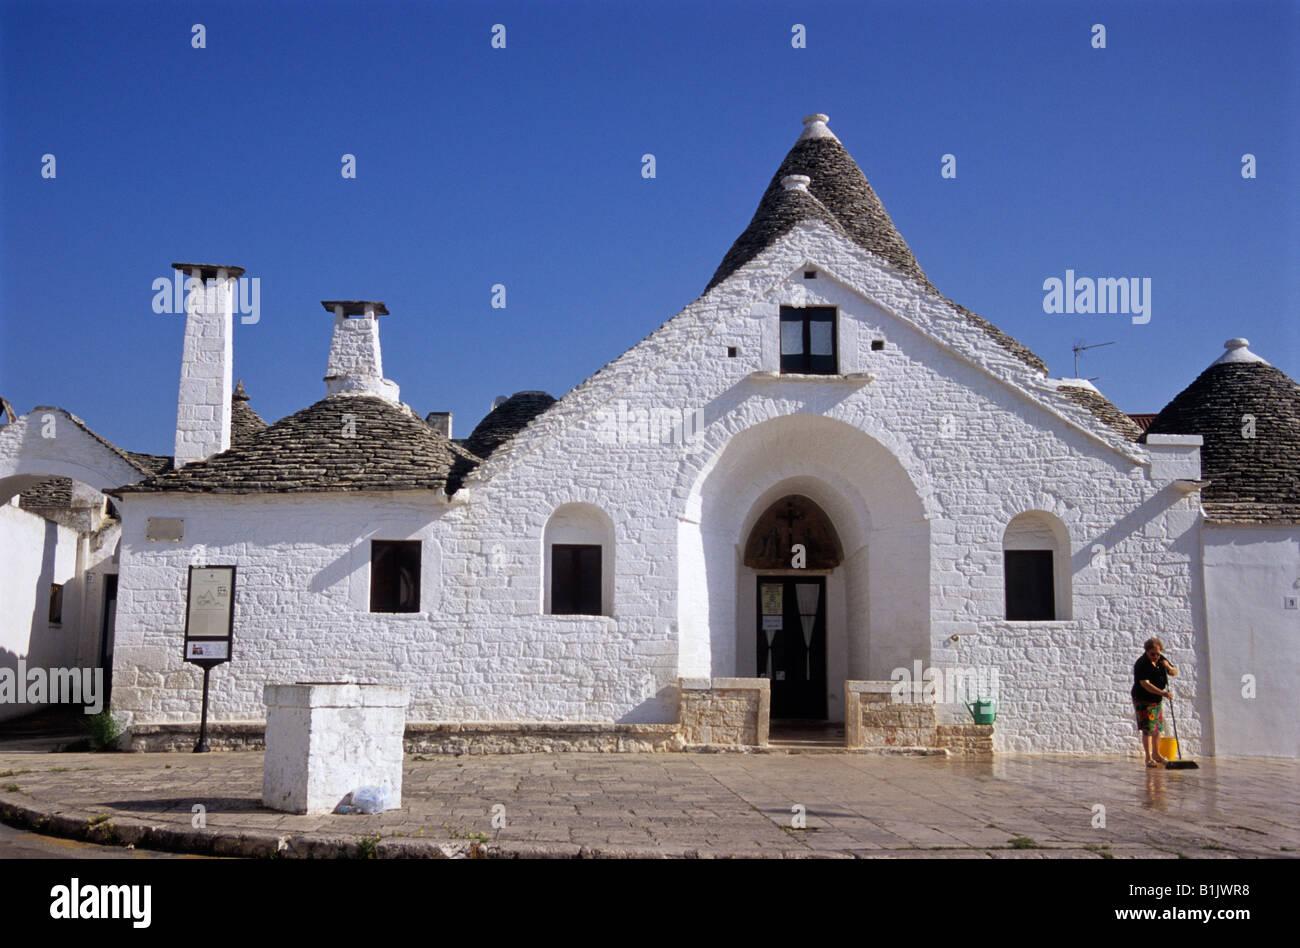 Trullo sovrano, Alberobello, provincia de Bari, Puglia, Italia Imagen De Stock